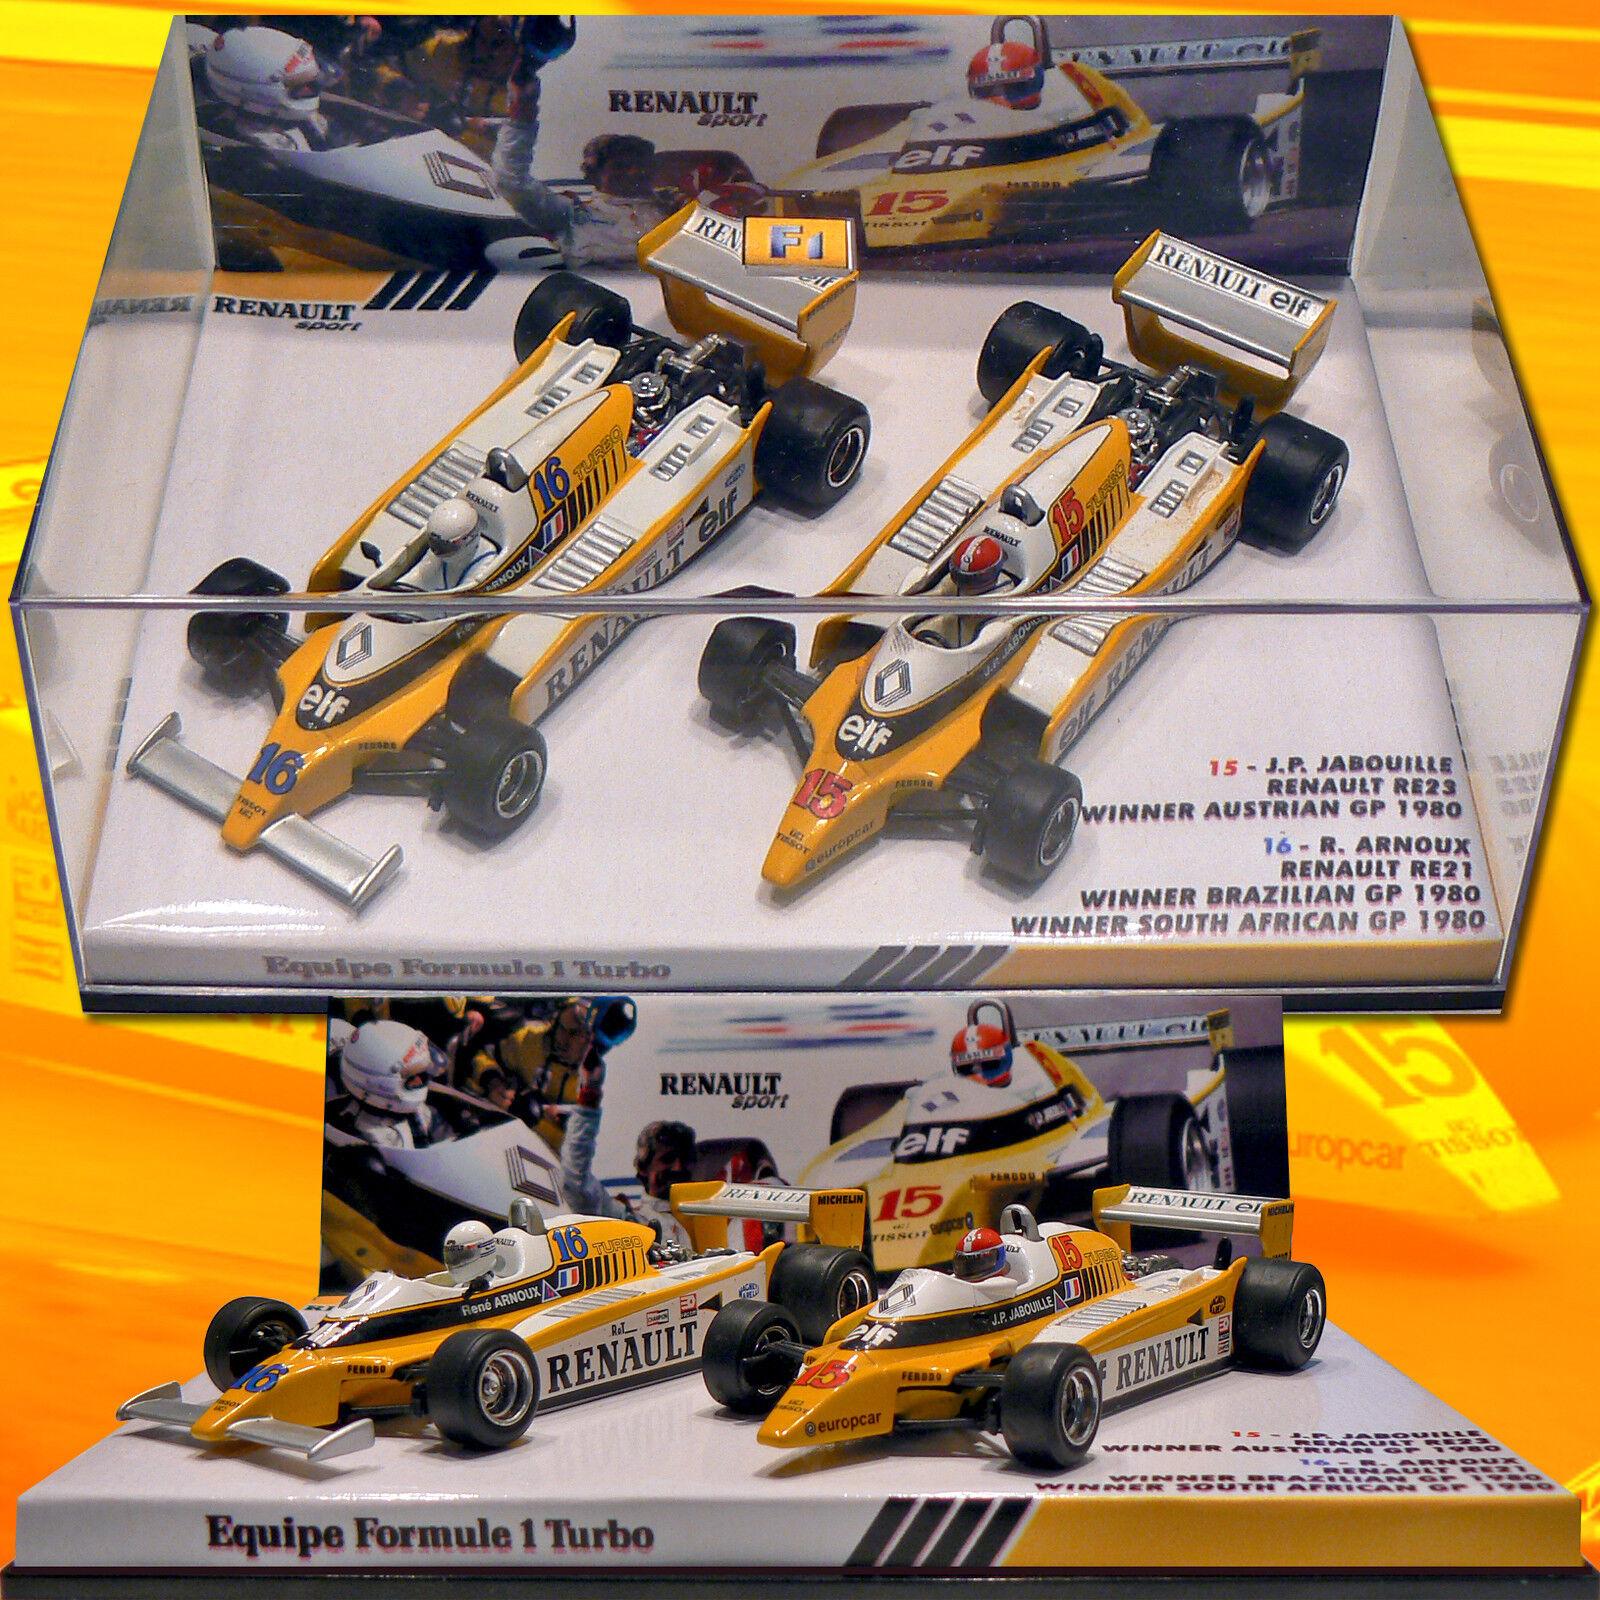 137) Coffret Renault RE20 Jabouille-Arnoux 1980